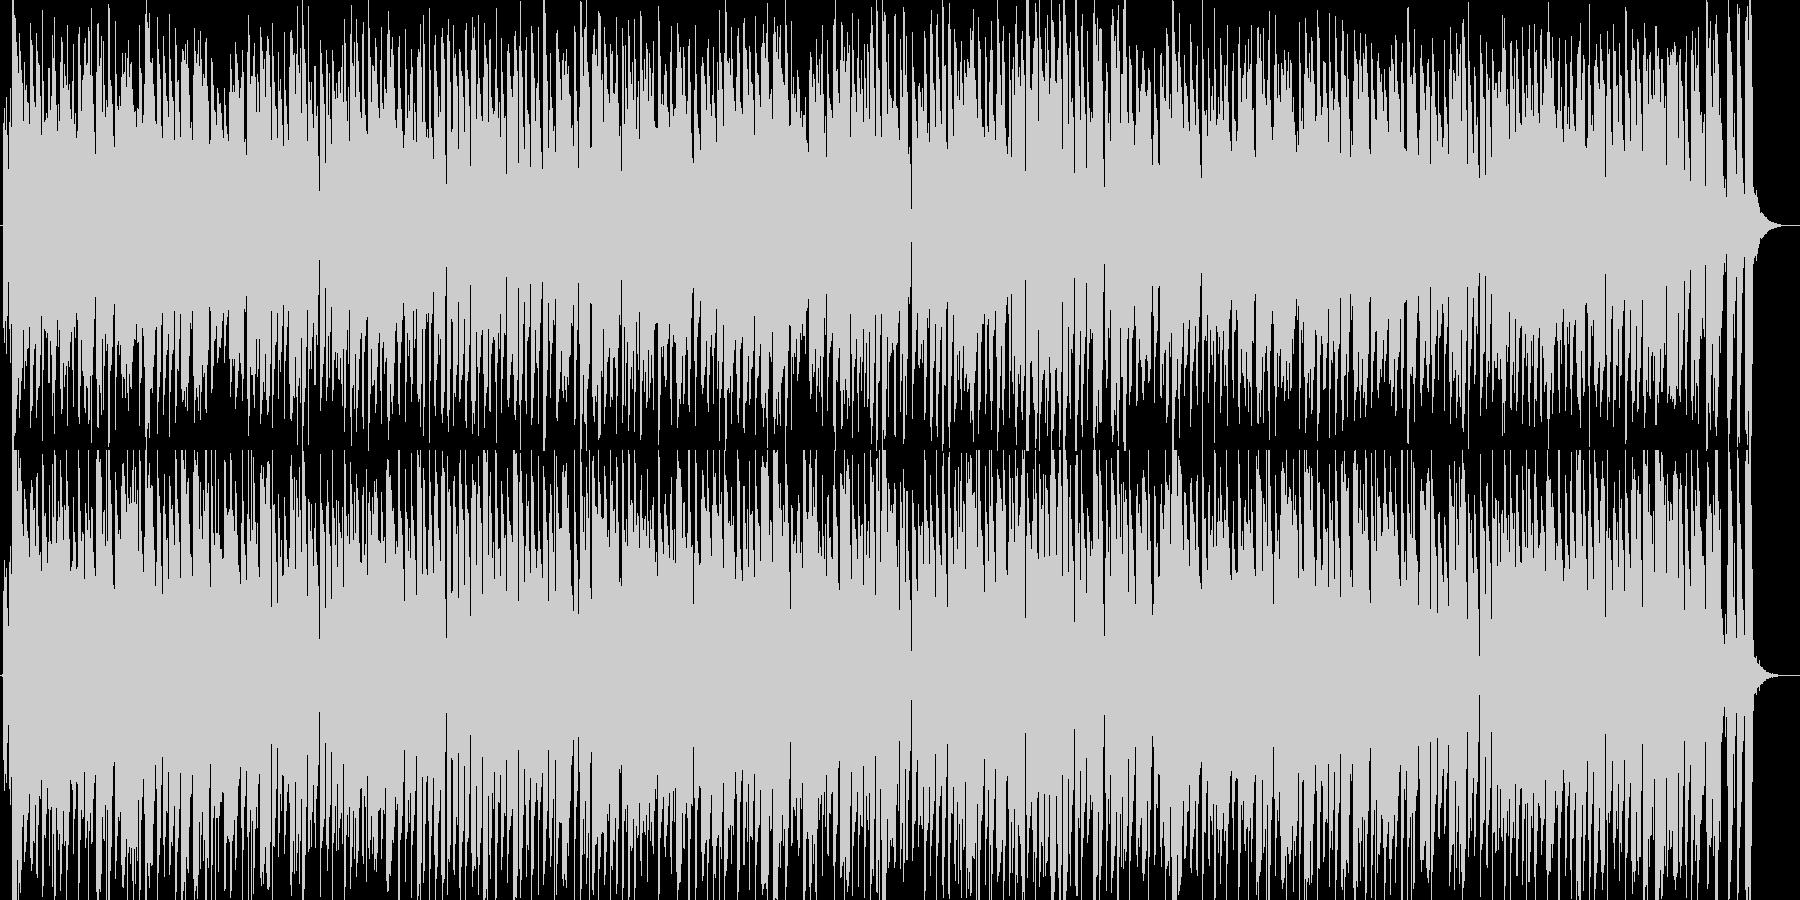 お洒落なジャズピアノトリオ9アップテンポの未再生の波形